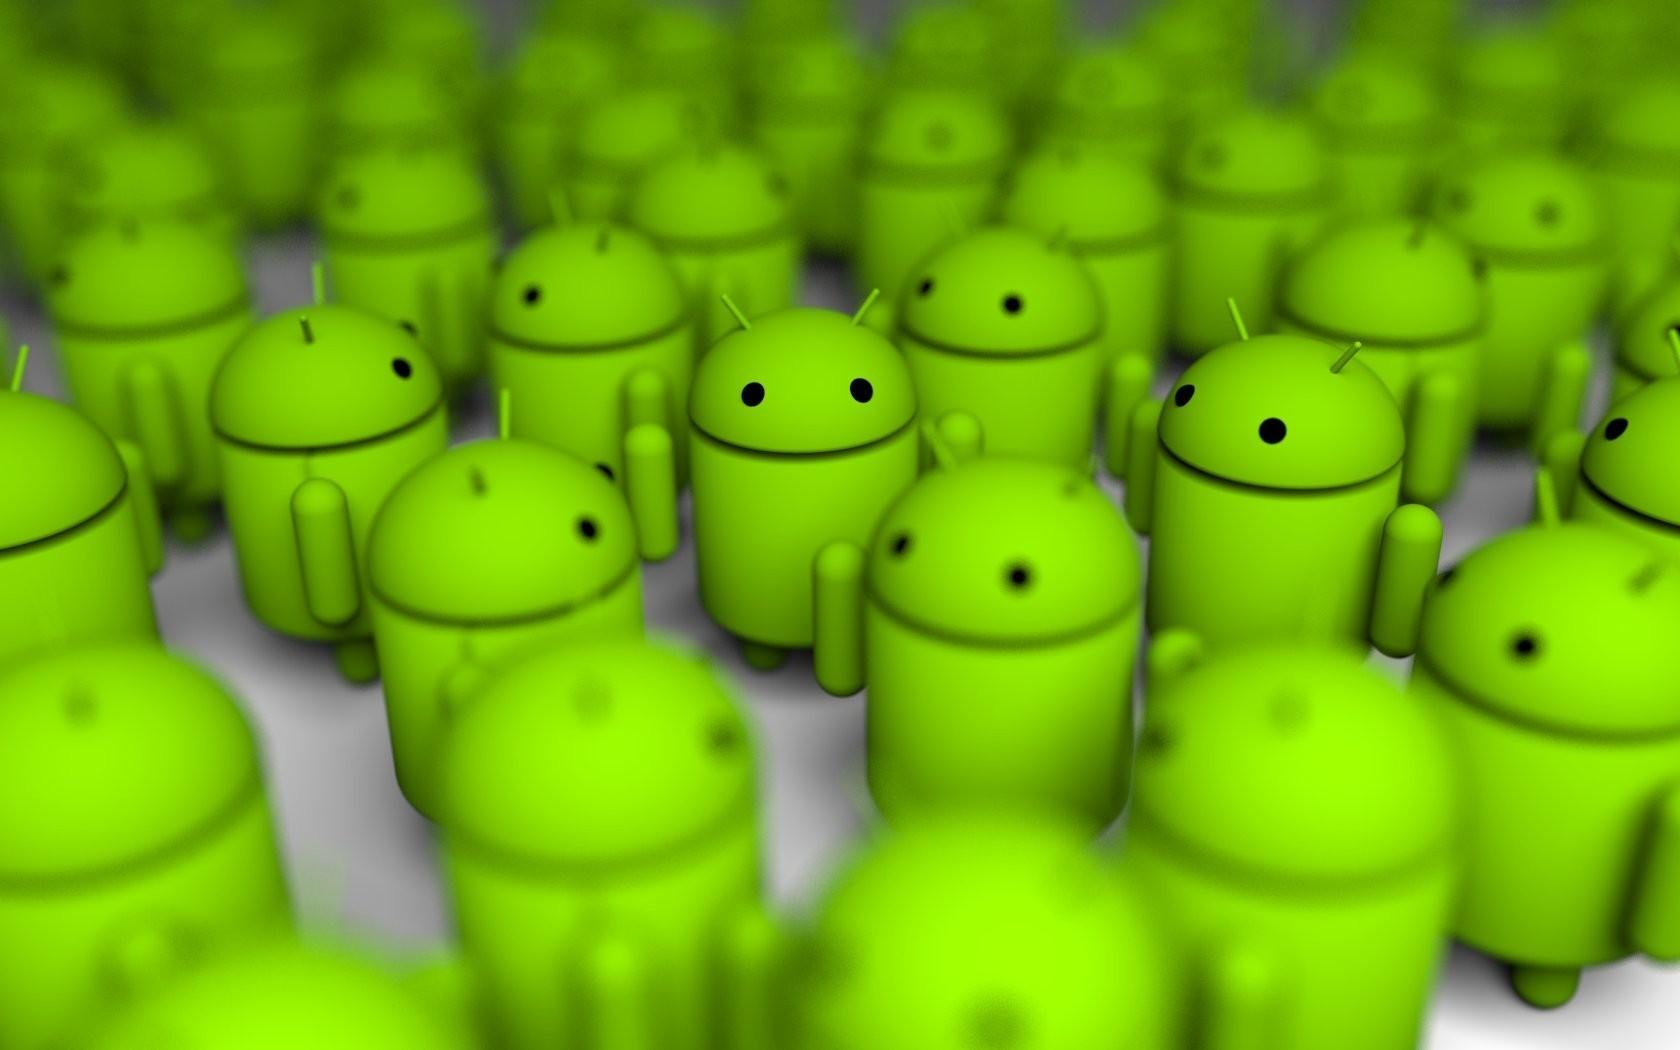 Le nuove App Android della Settimana - 21/04/2016